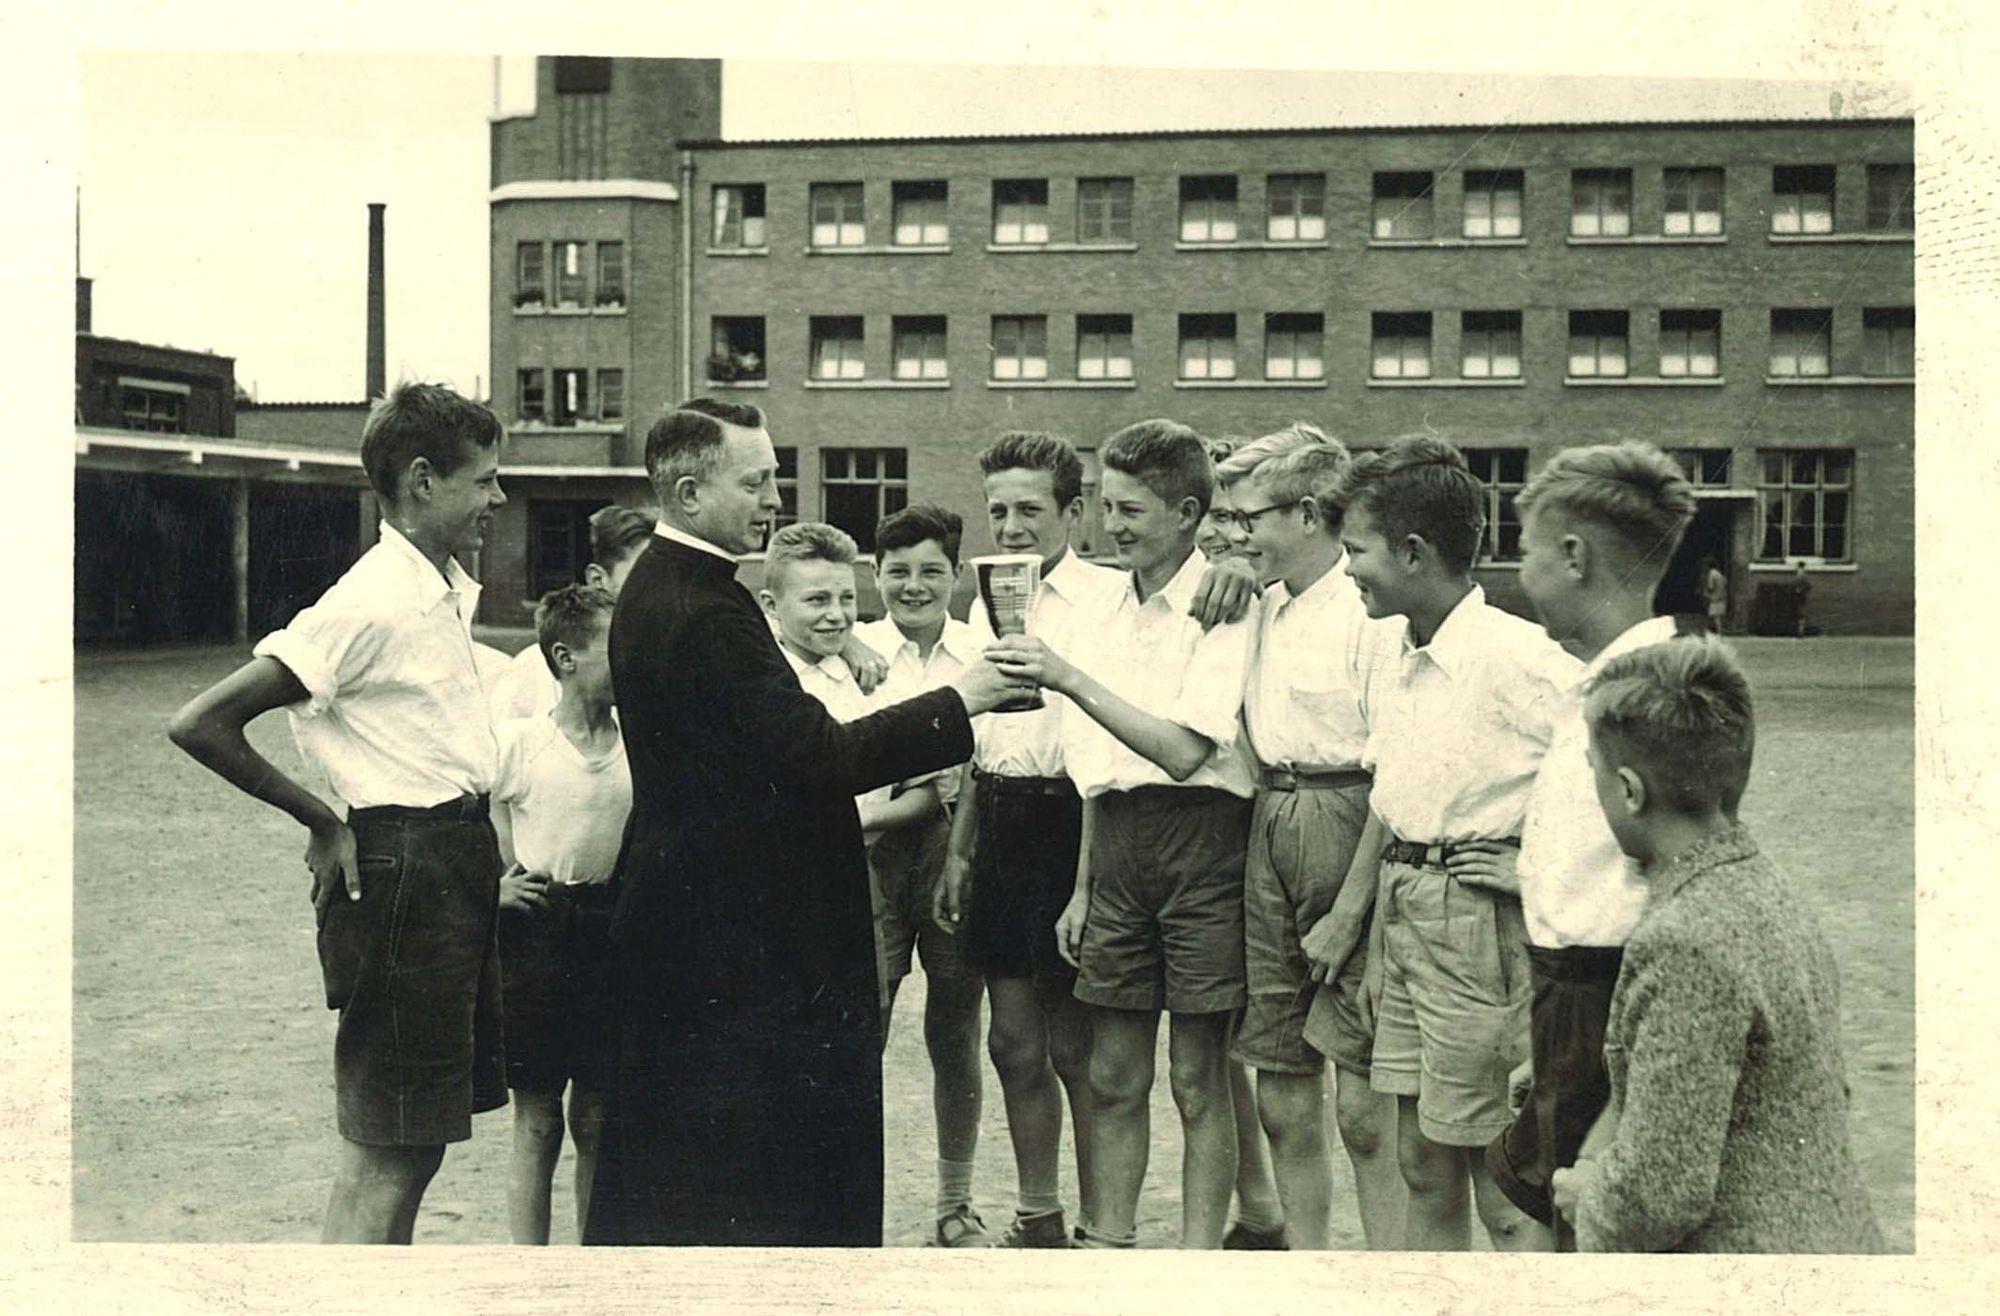 Voetballers van de Broederschool Overleie